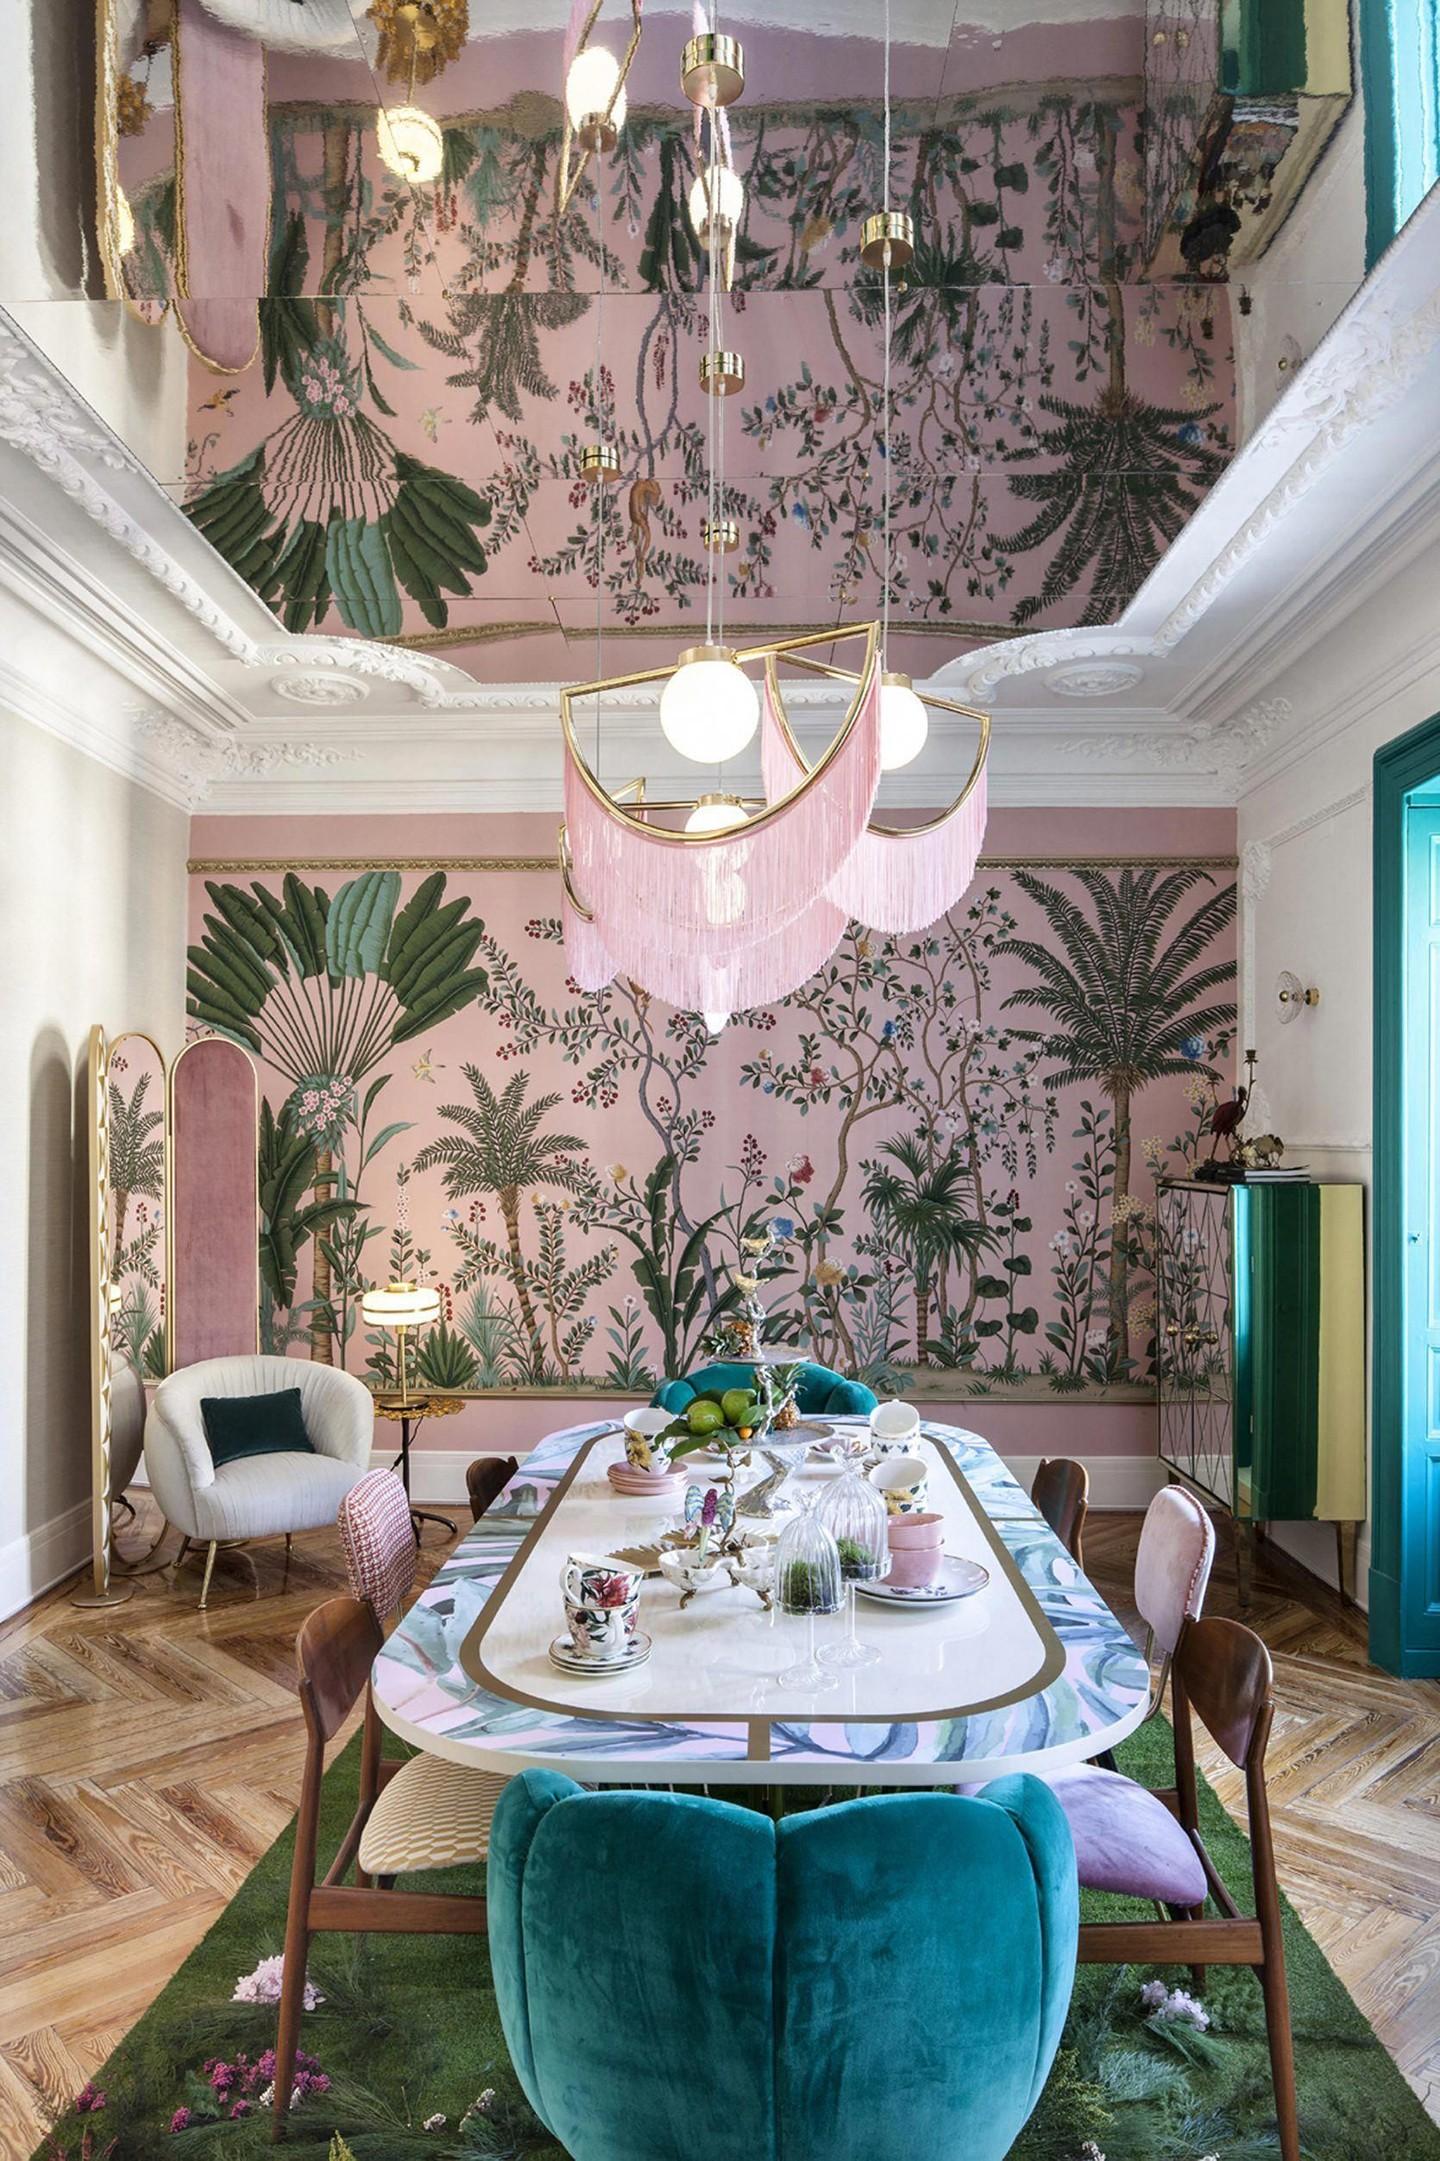 Biombo na decoração: inspire-se com 8 ambientes onde o objeto é protagonista (Foto: Divulgação)